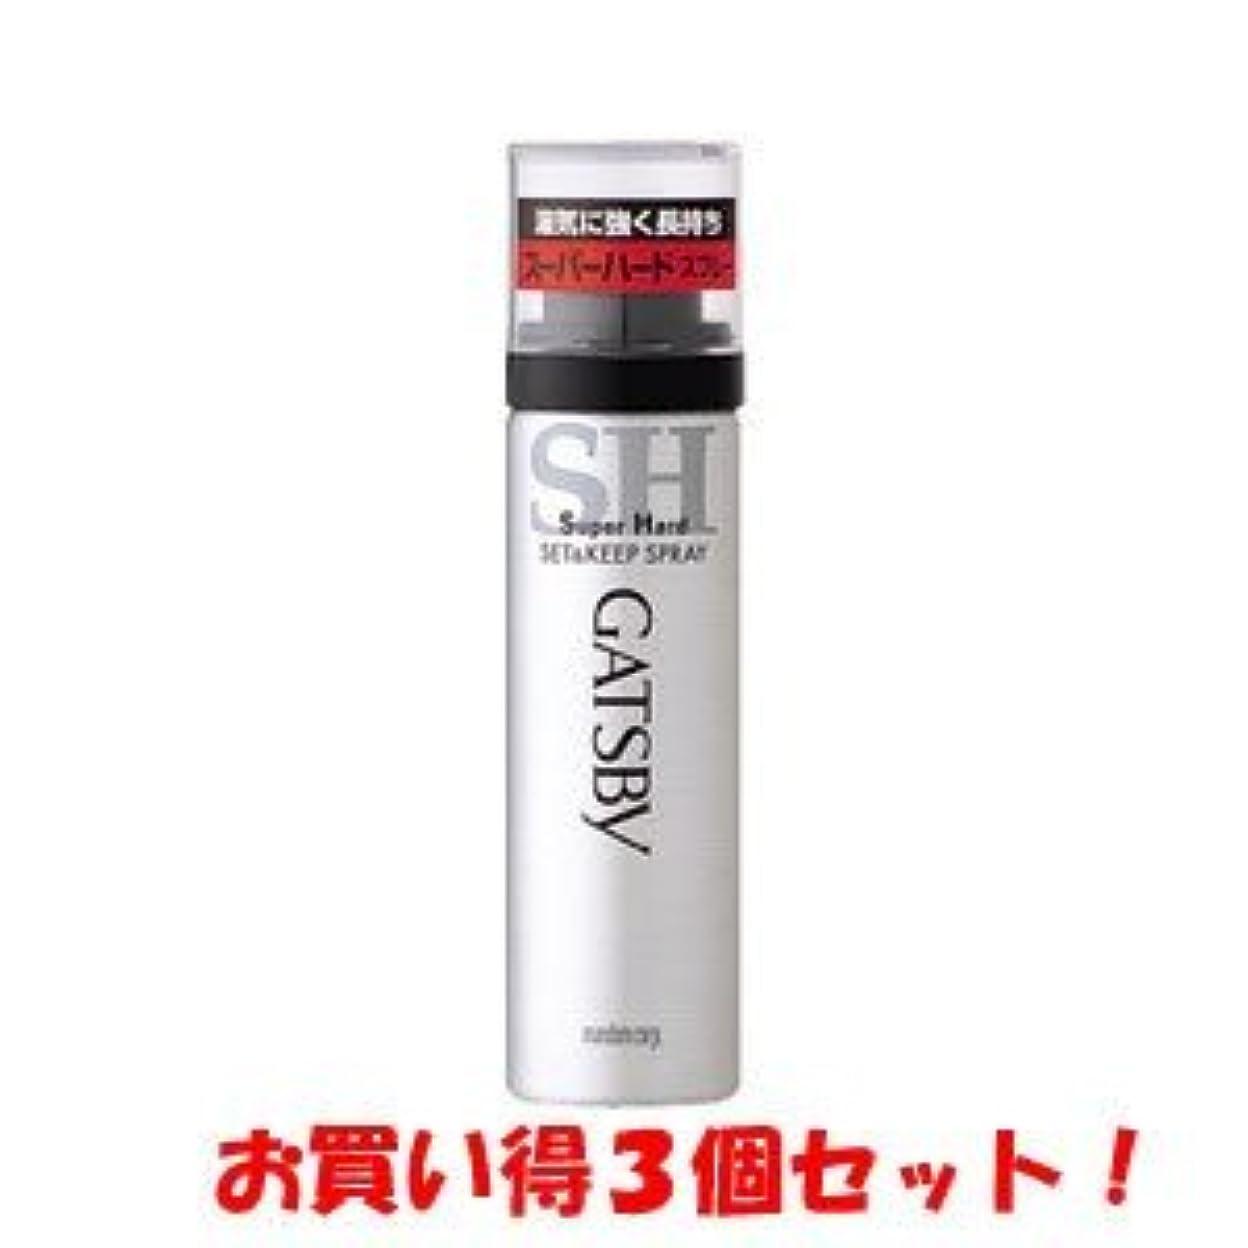 高架ラック季節ギャツビー【GATSBY】セット&キープスプレースーパーハード ハンディ 45g(お買い得3個セット)